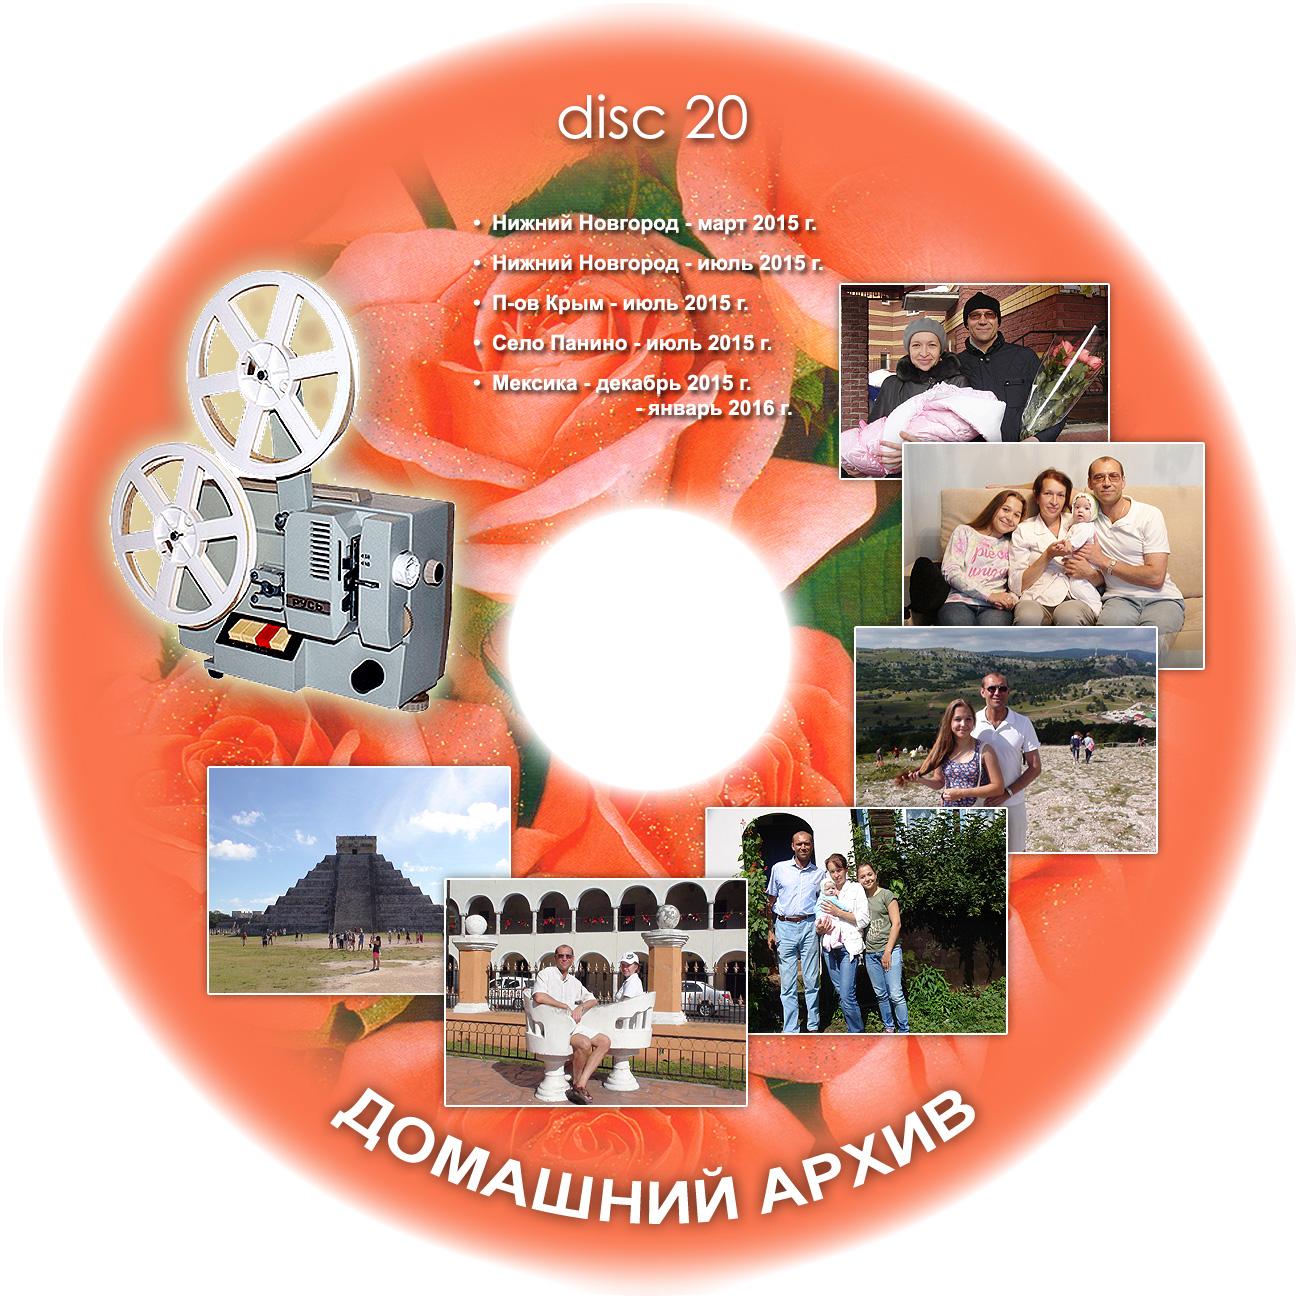 оцифровка видеокассет, обложка диска